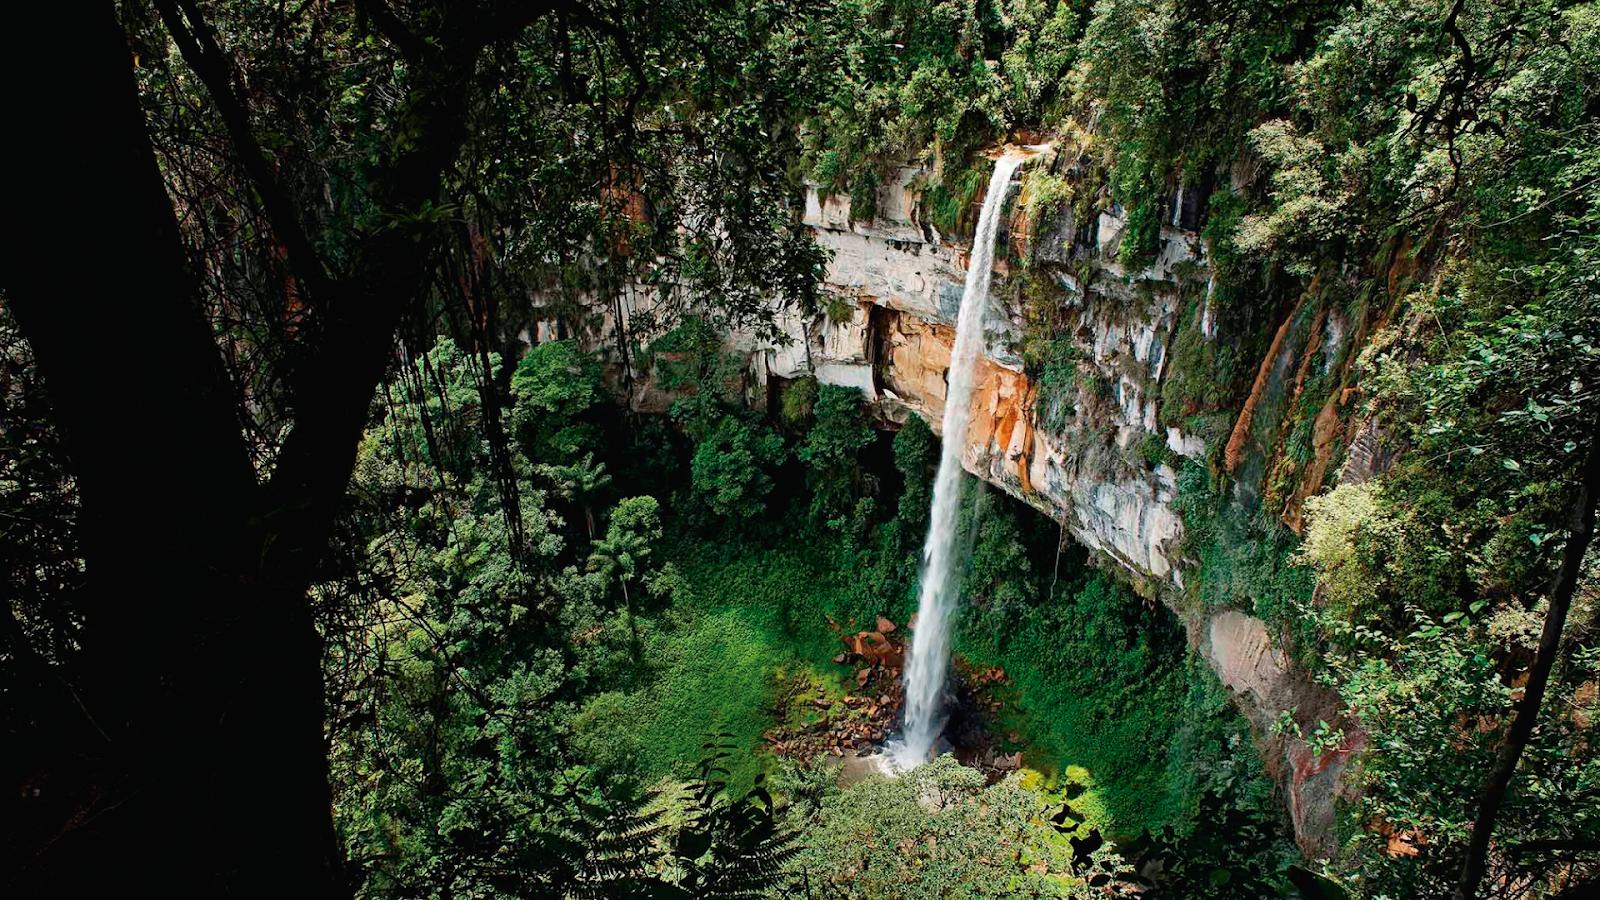 Юмбилья водопад